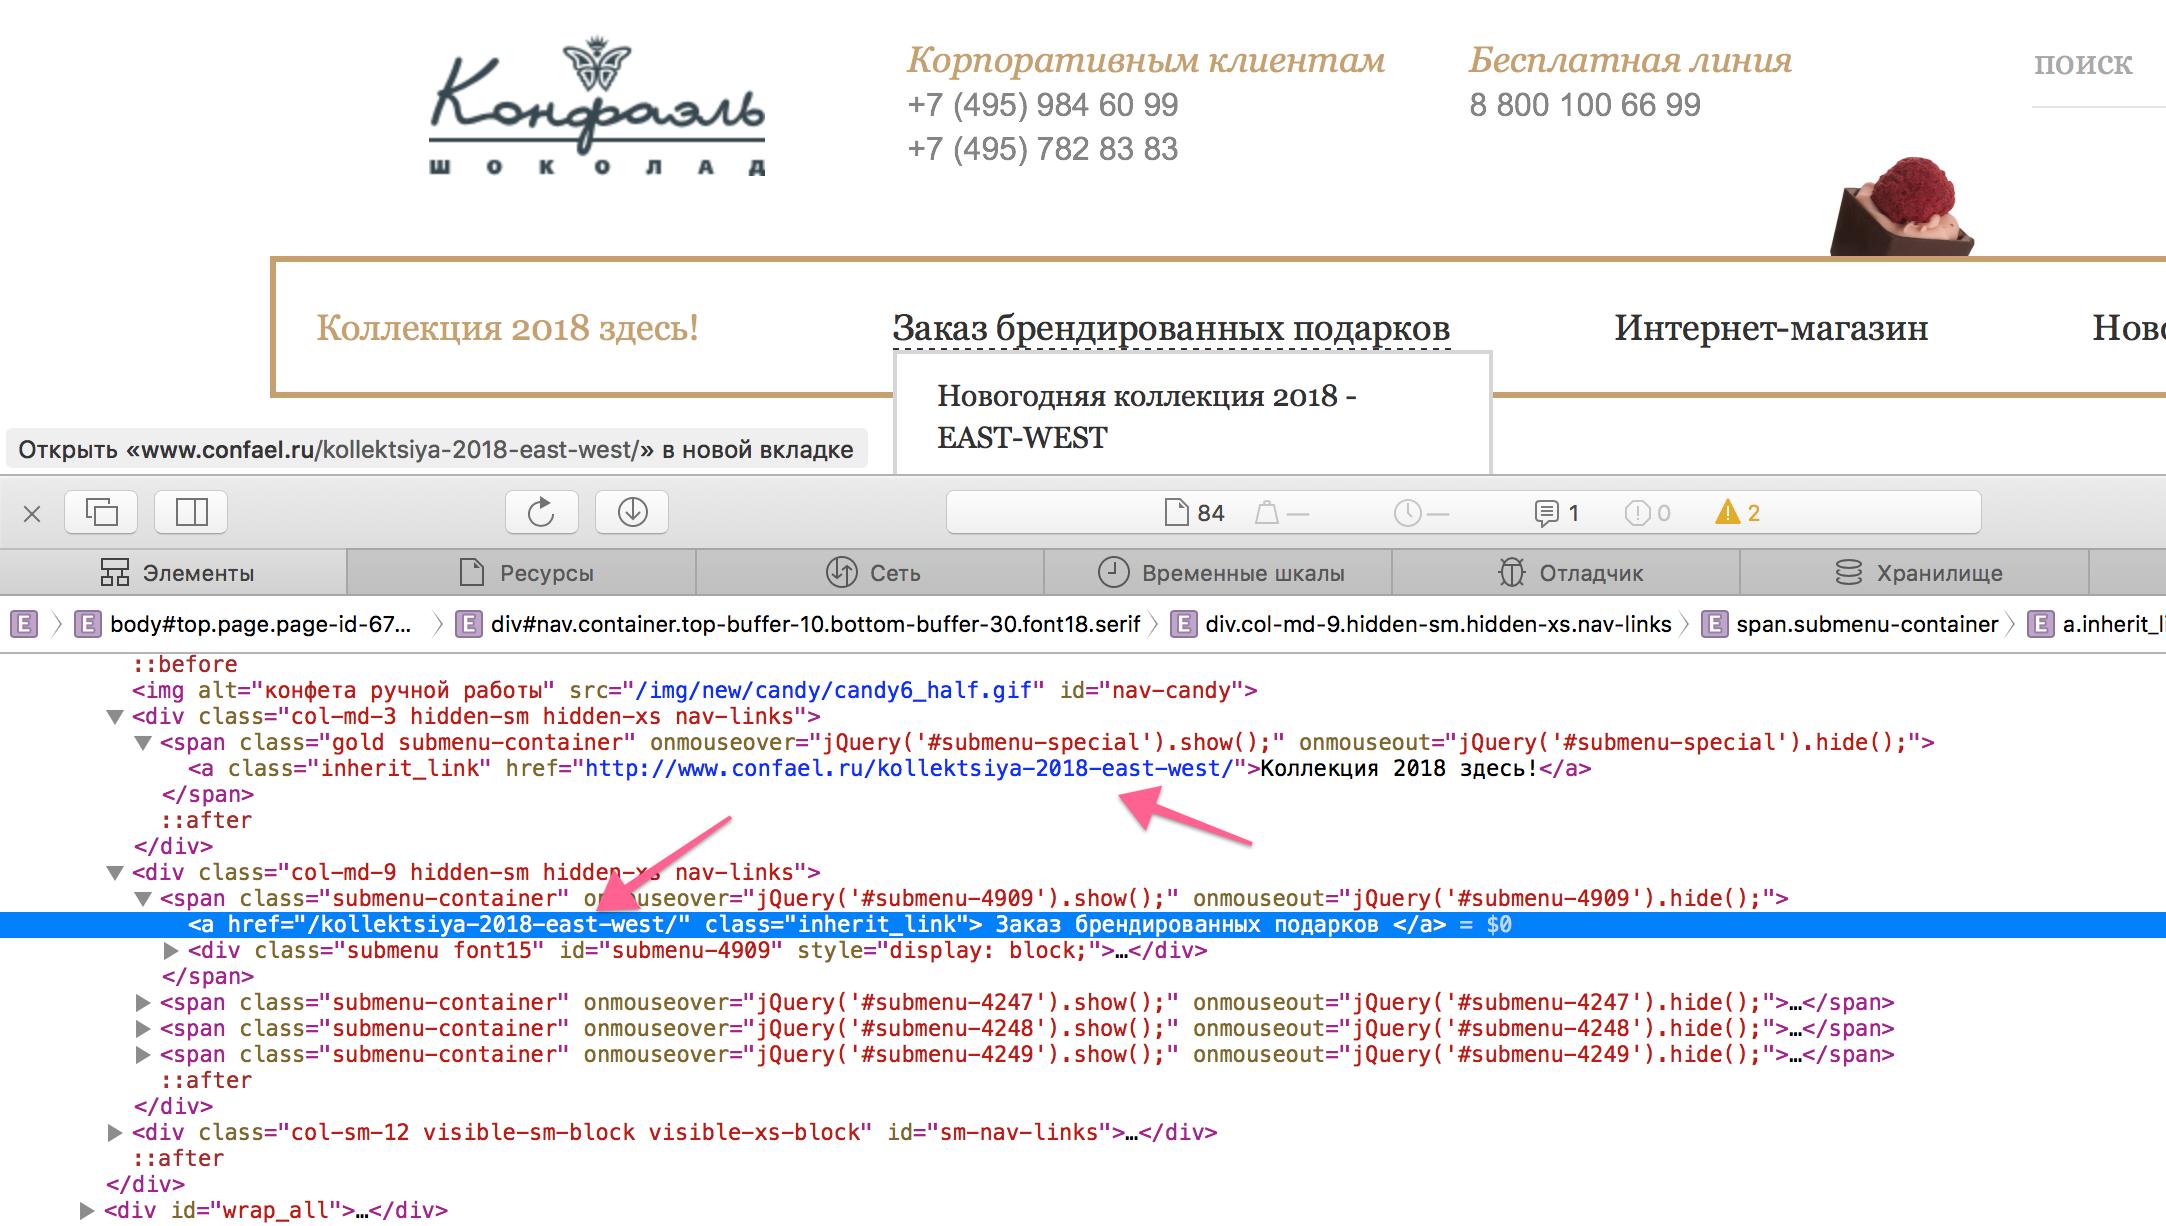 Экспресс-аудит сайтов компании «Конфаэль» 13